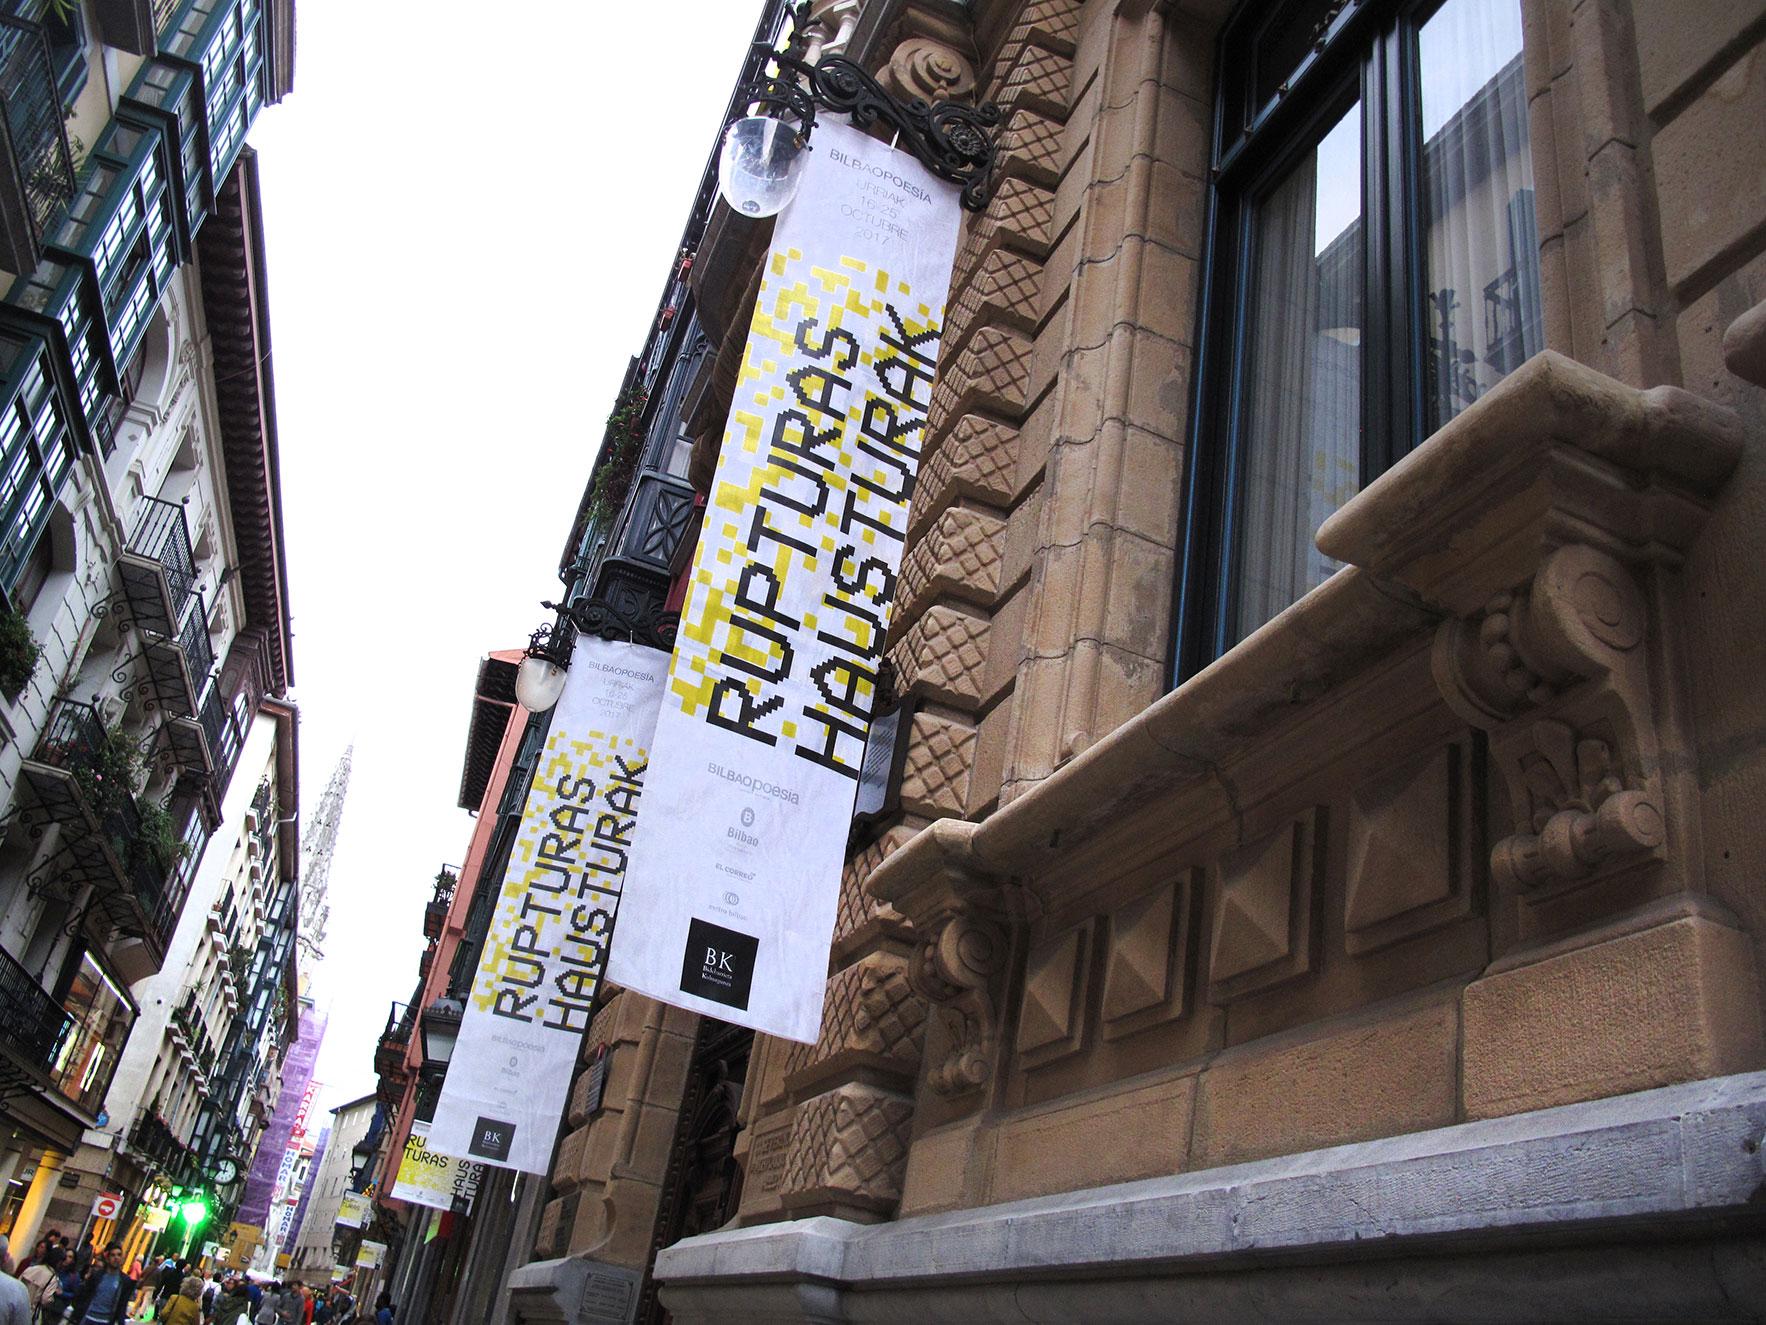 Bilbao poesía publicidad calle